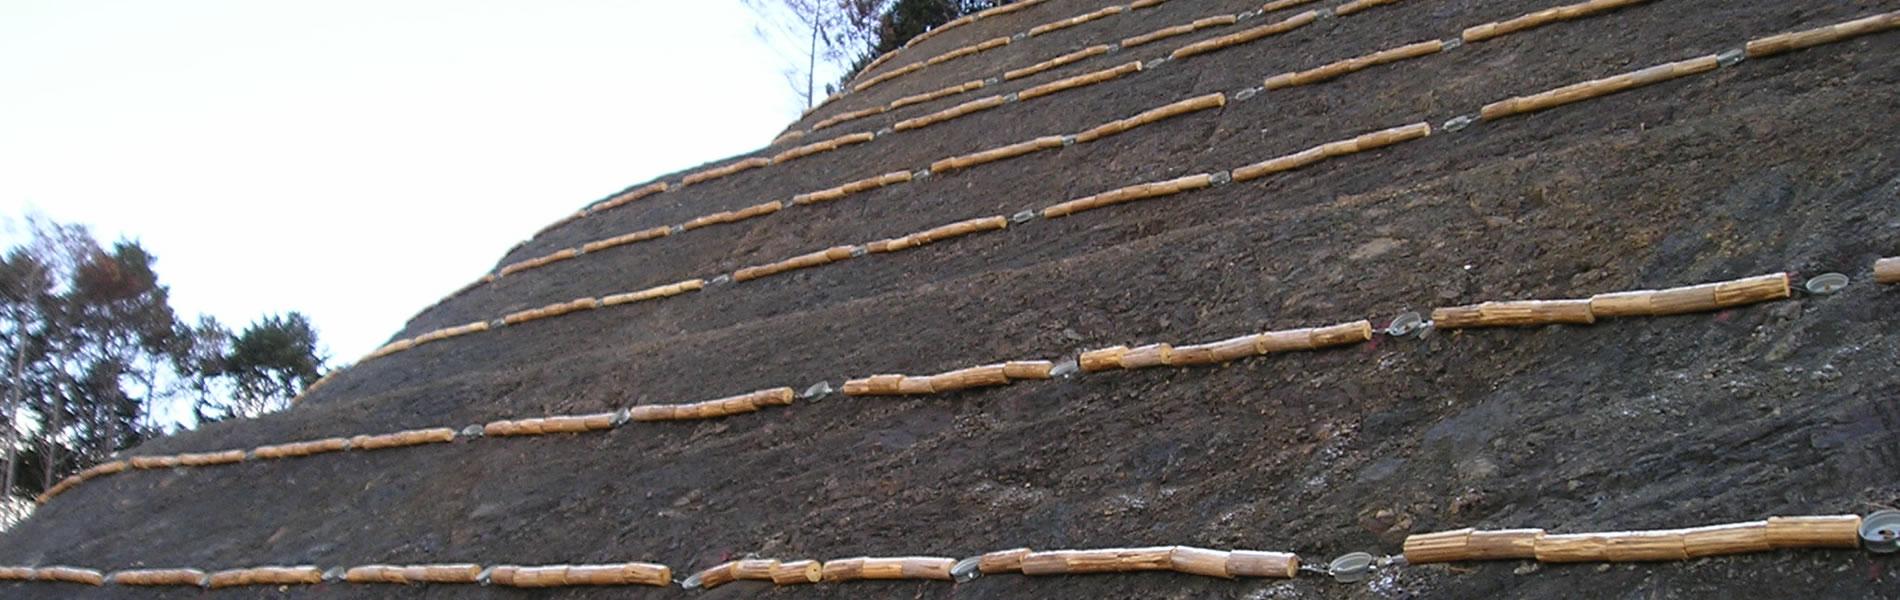 ウッド筋工 間伐材を利用した法面緑化基礎工